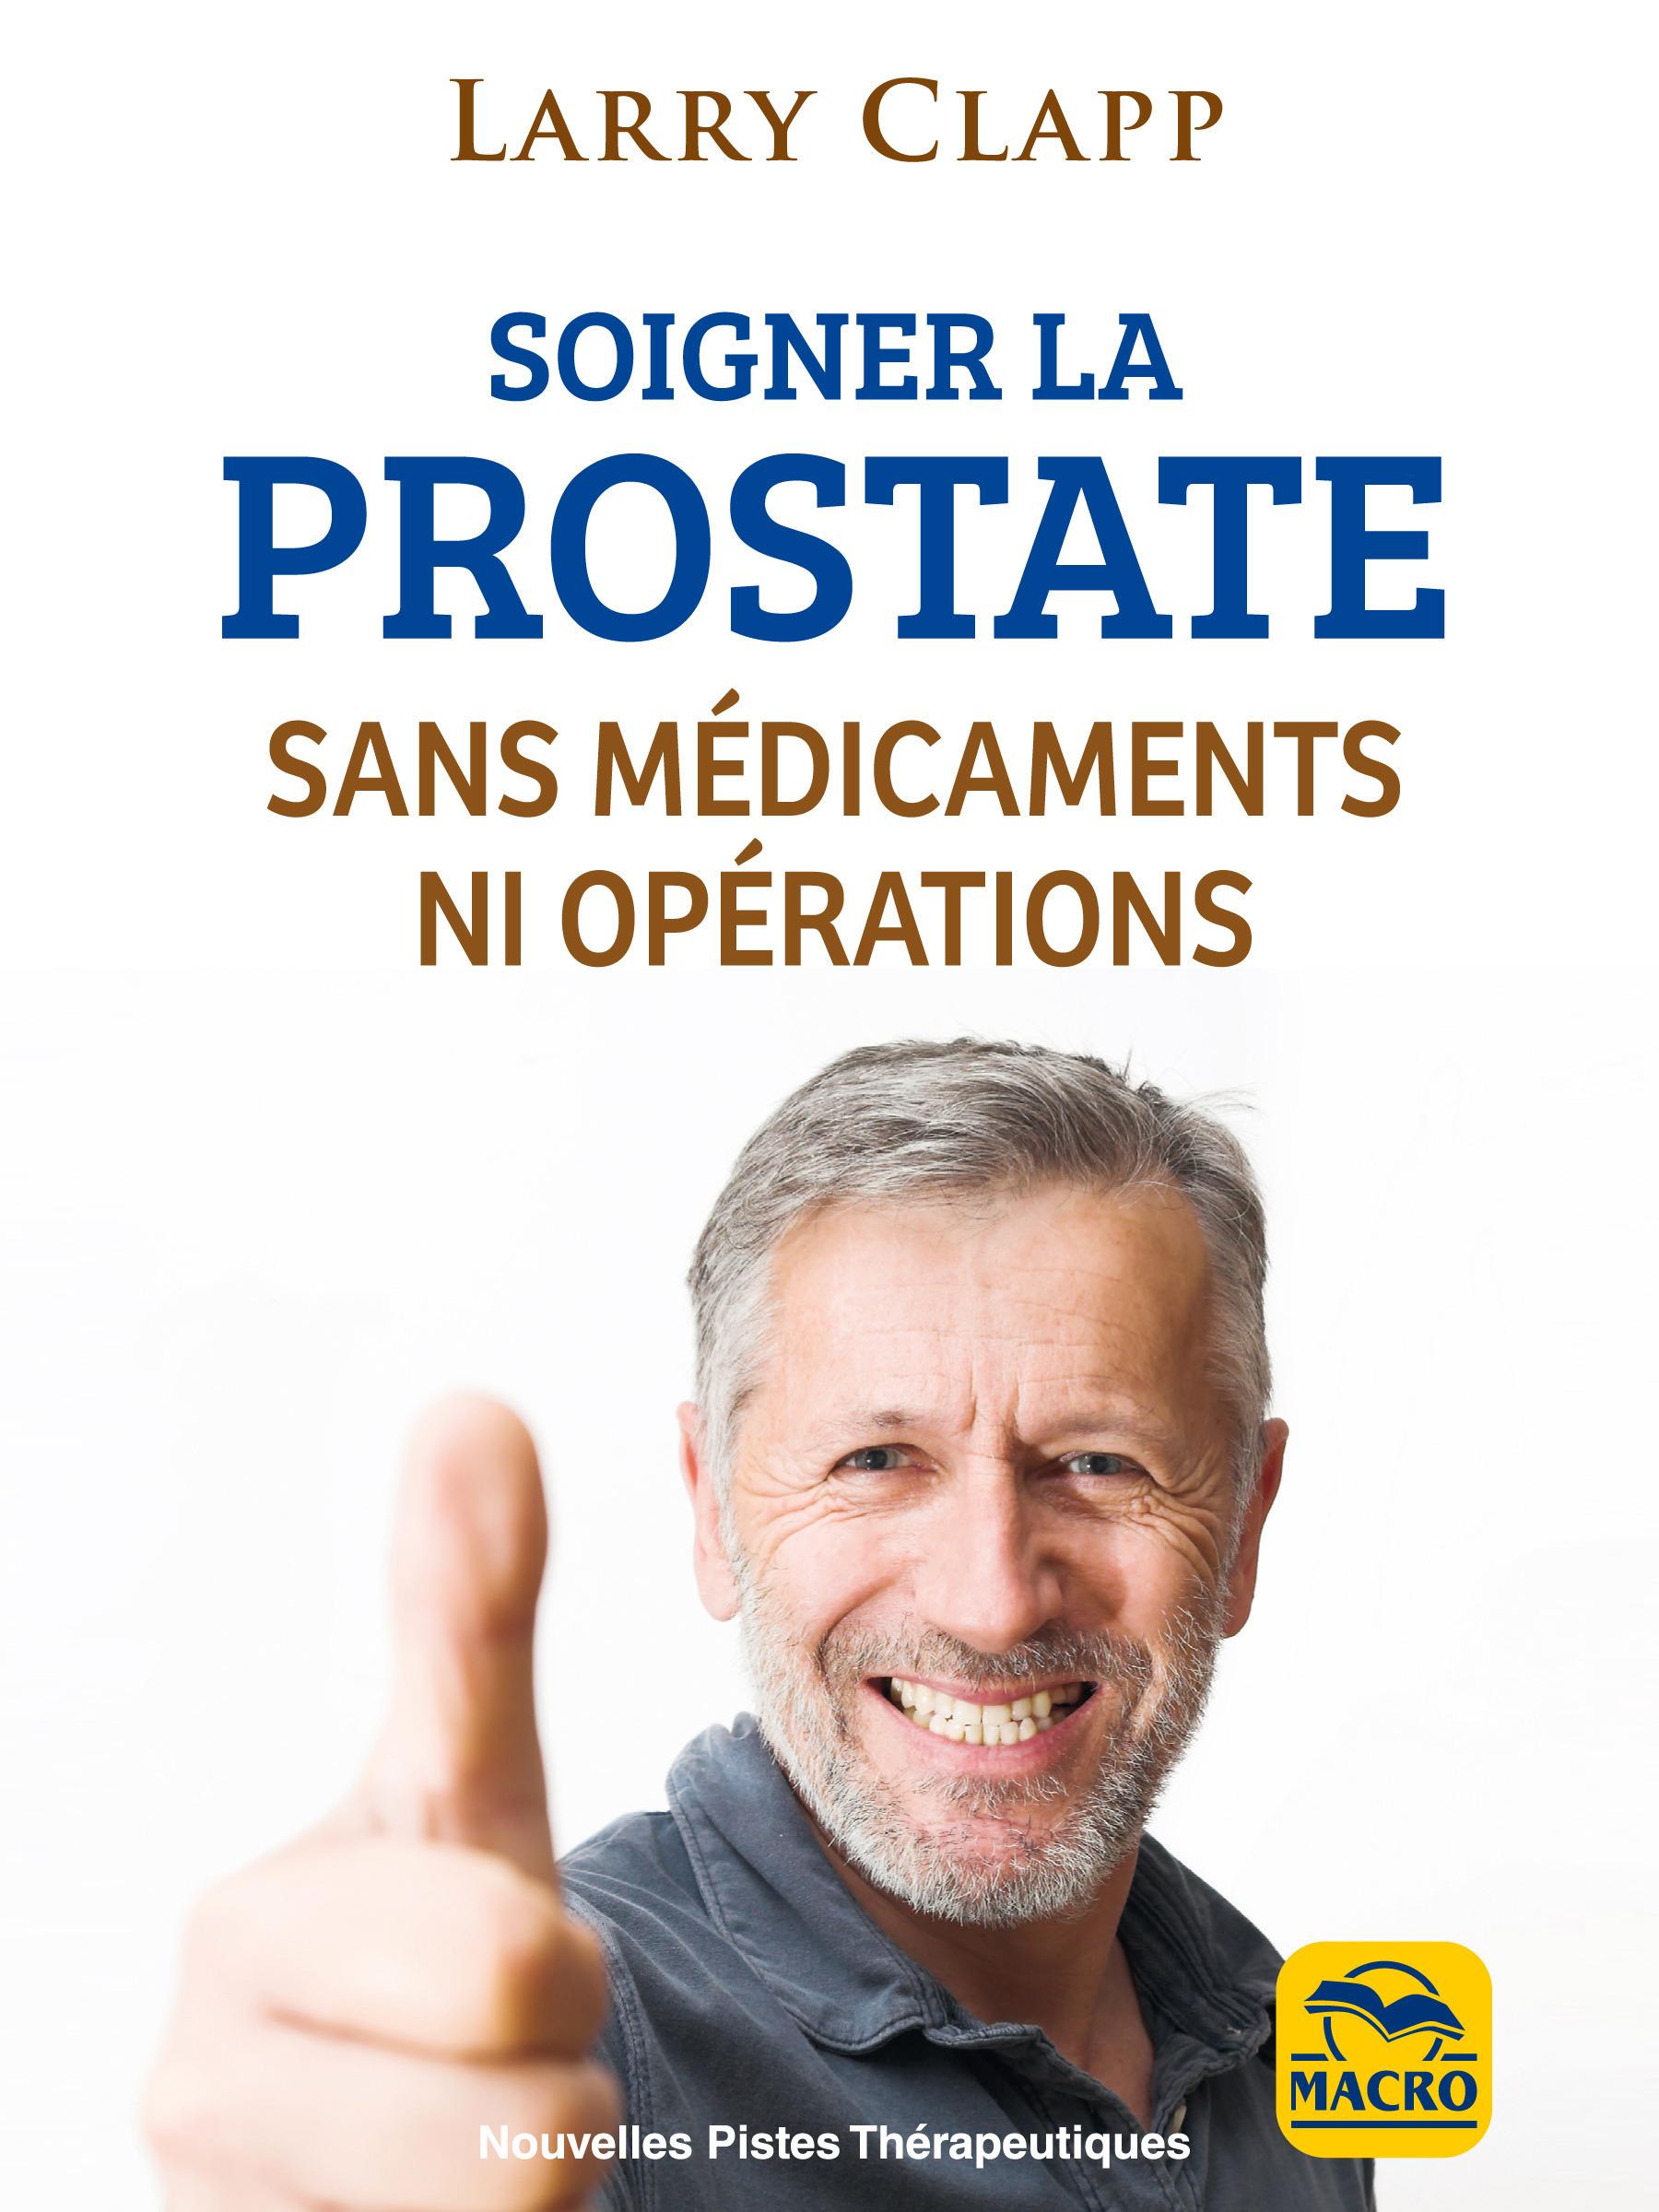 Soigner la prostate sans médicaments ni opérations (3e édition)